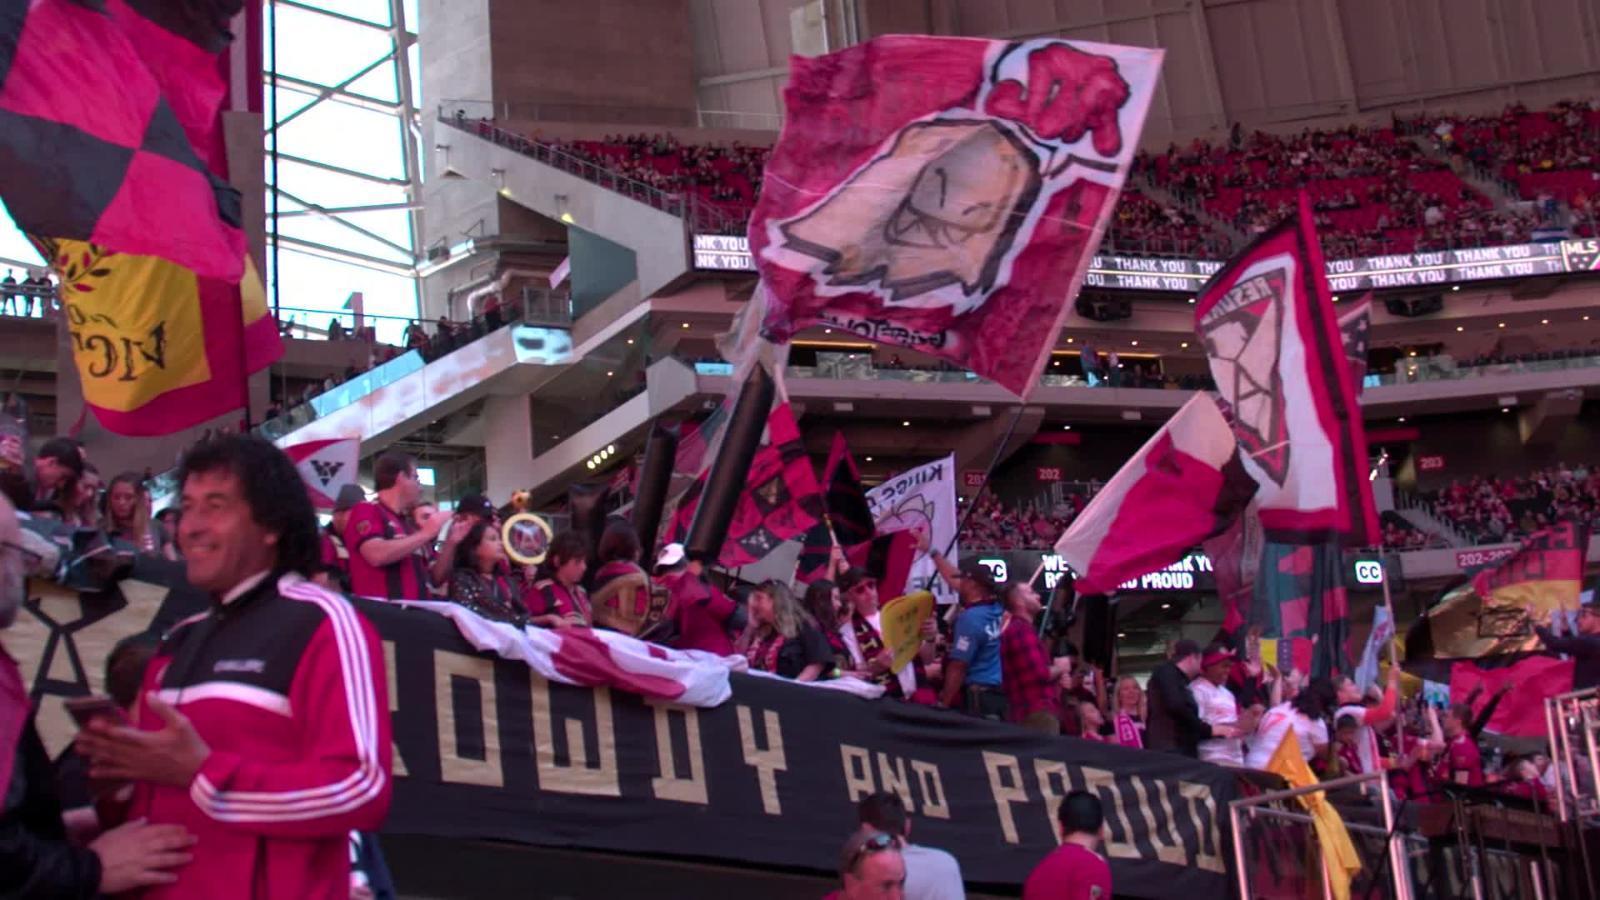 Atlanta United: el equipo que unió a una ciudad multicultural y sedienta de fútbol https://t.co/OrvCj5f3BQ https://t.co/x3NSfXEXj1